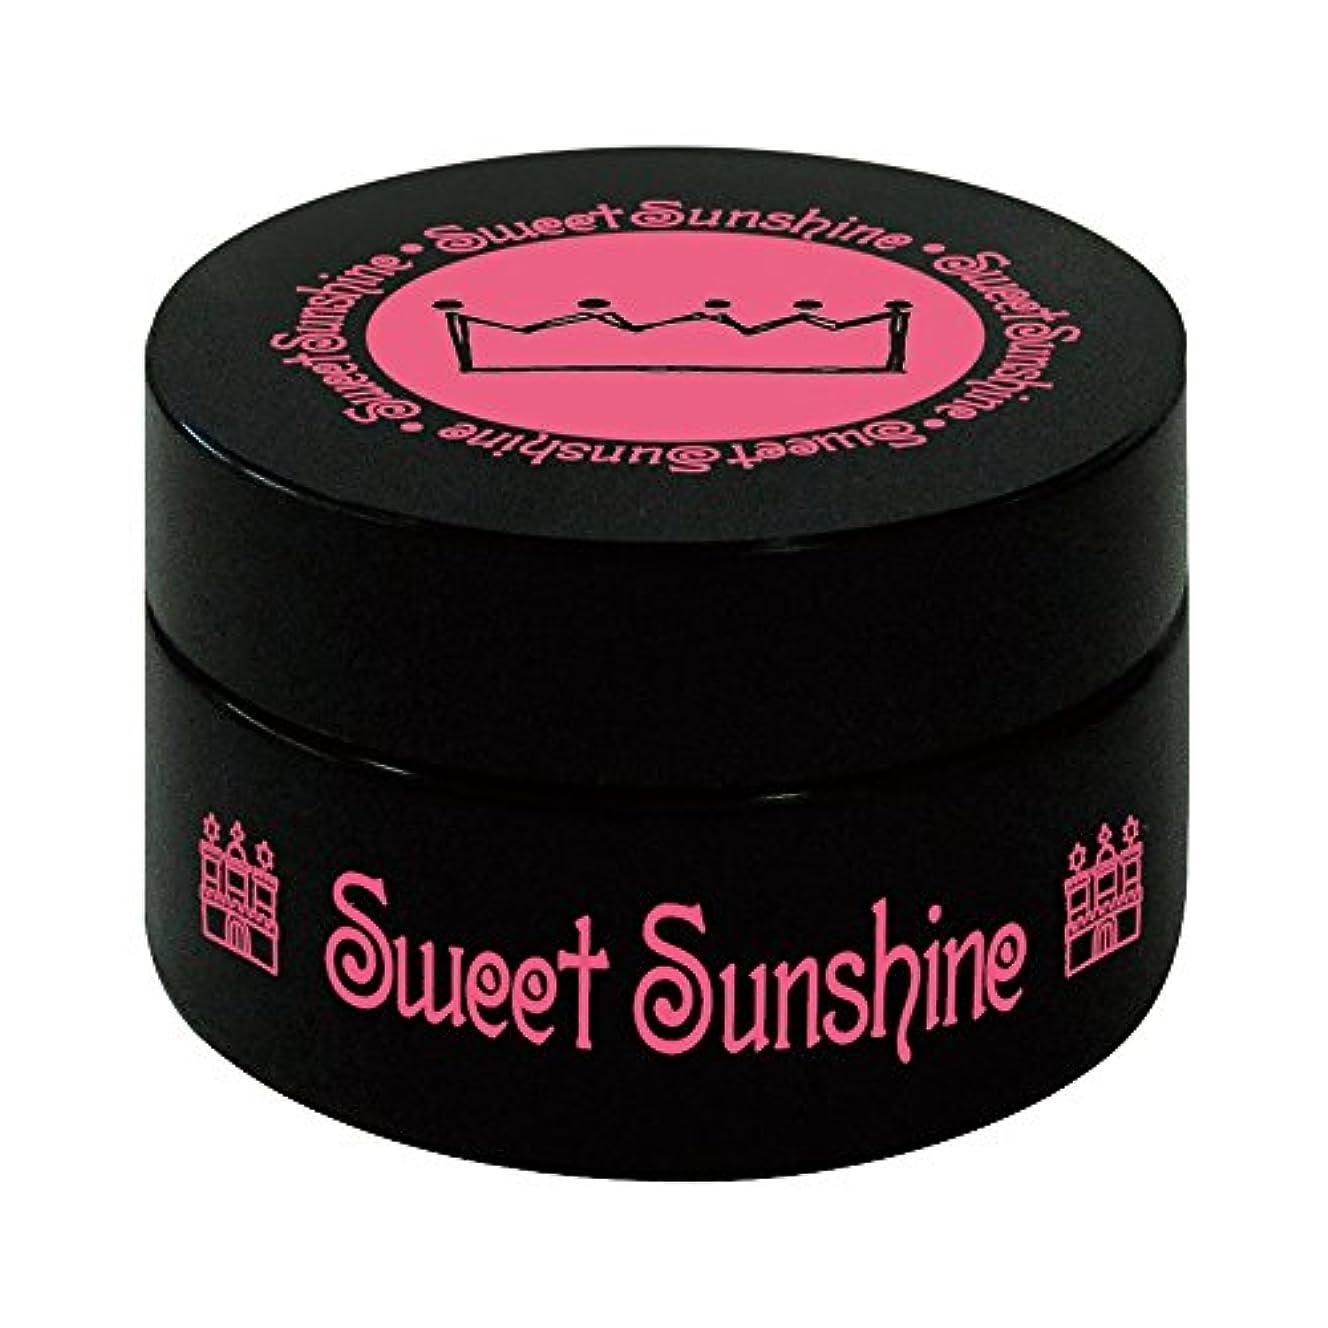 前者発明する禁止最速硬化LED対応 Sweet Sunshine スィート サンシャイン カラージェル SC-80 4g フューシャピンク